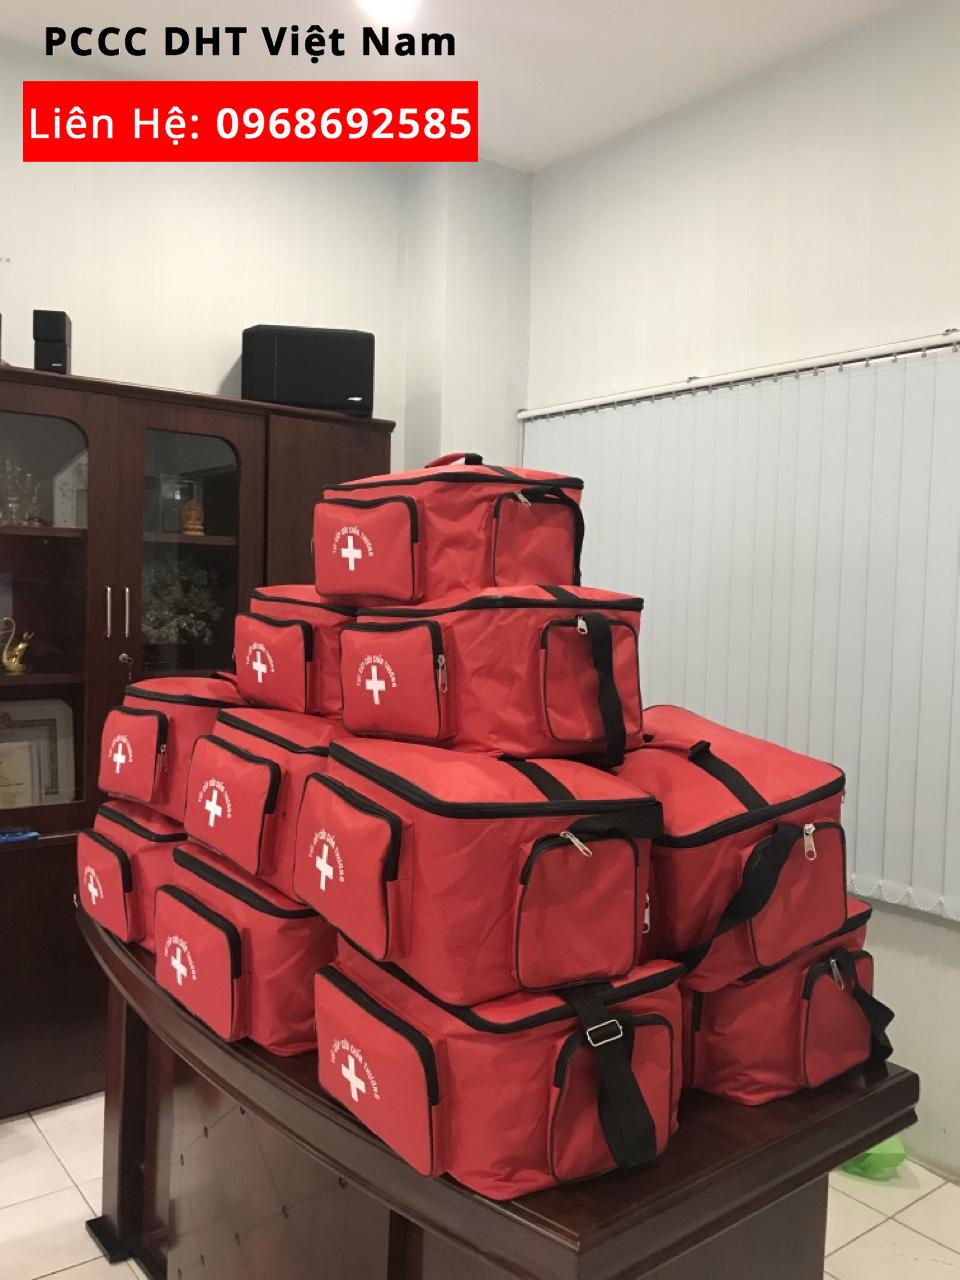 Đơn vị túi cứu thương loại A cụm công nghiệp Lai Sơn